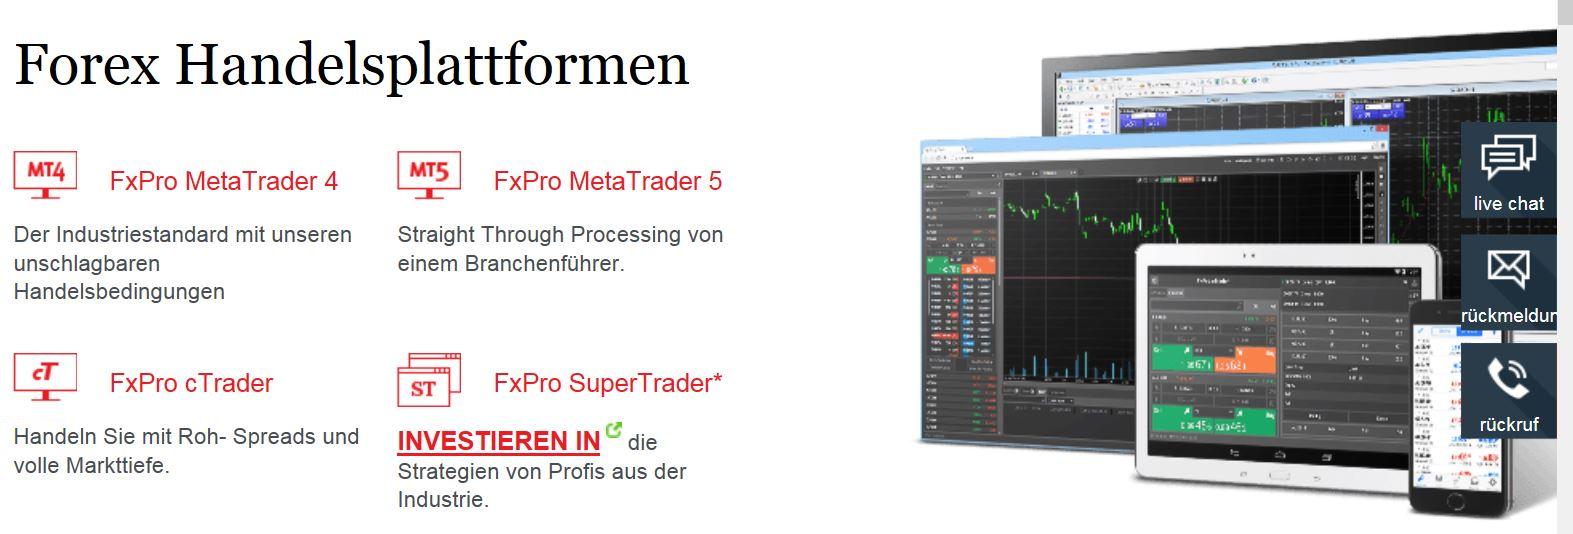 MetaTrader 5 Angebot bei FXPro